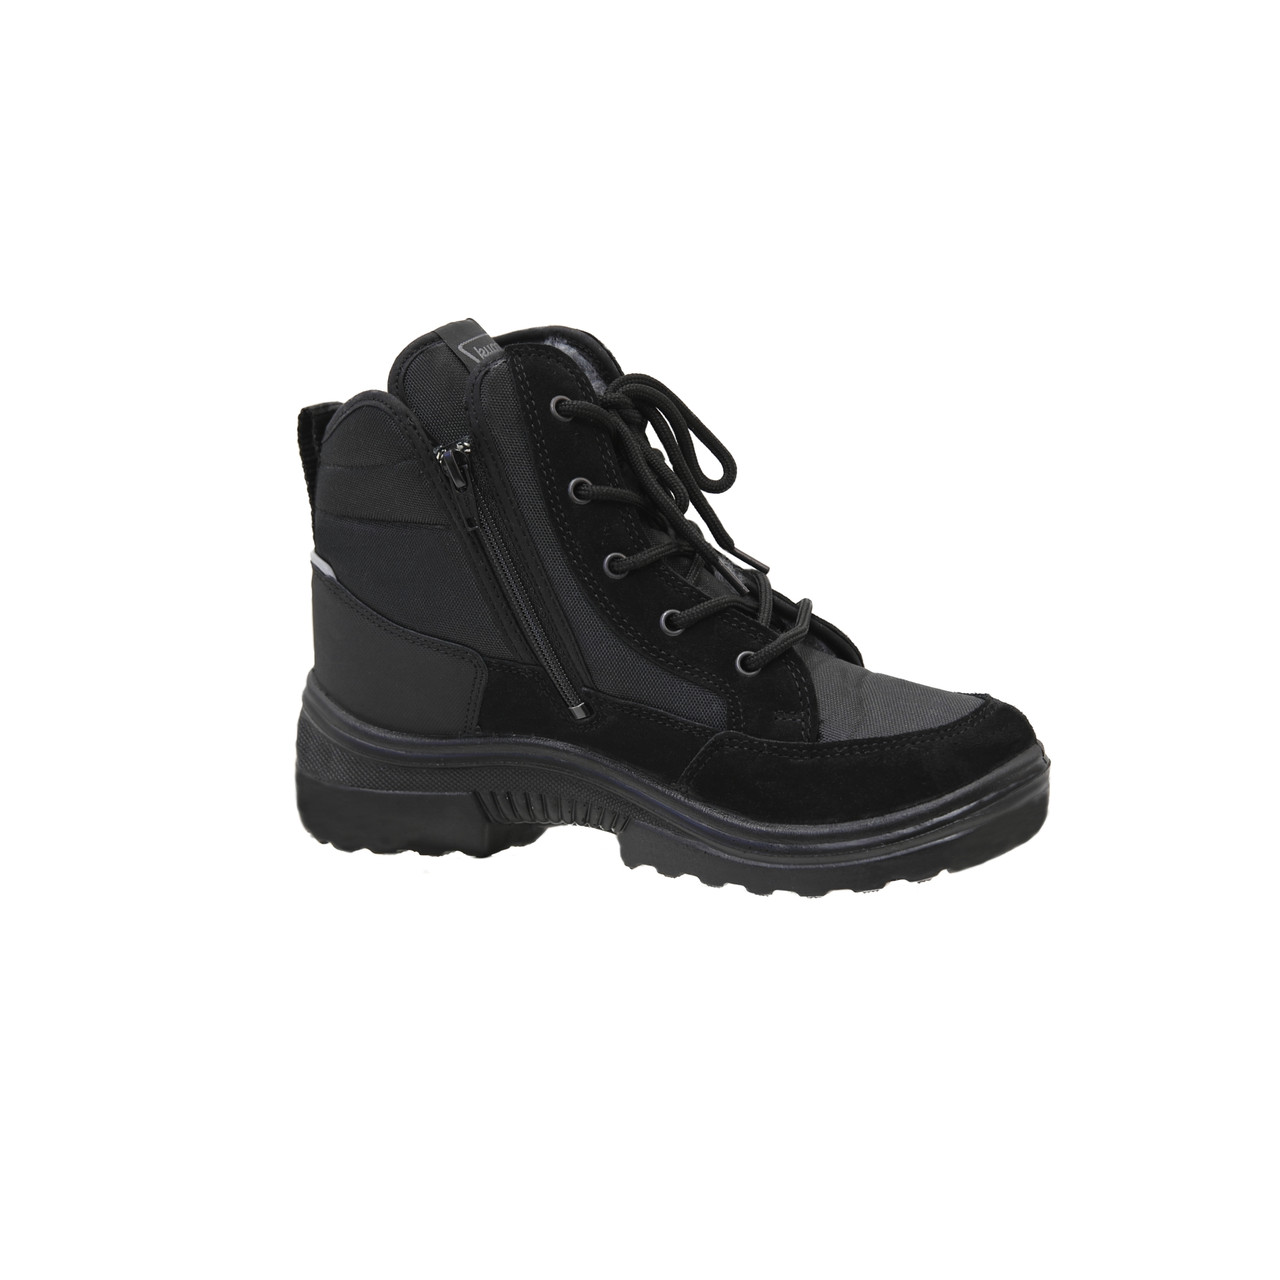 Обувь взрослая Trekking V, Black/Black